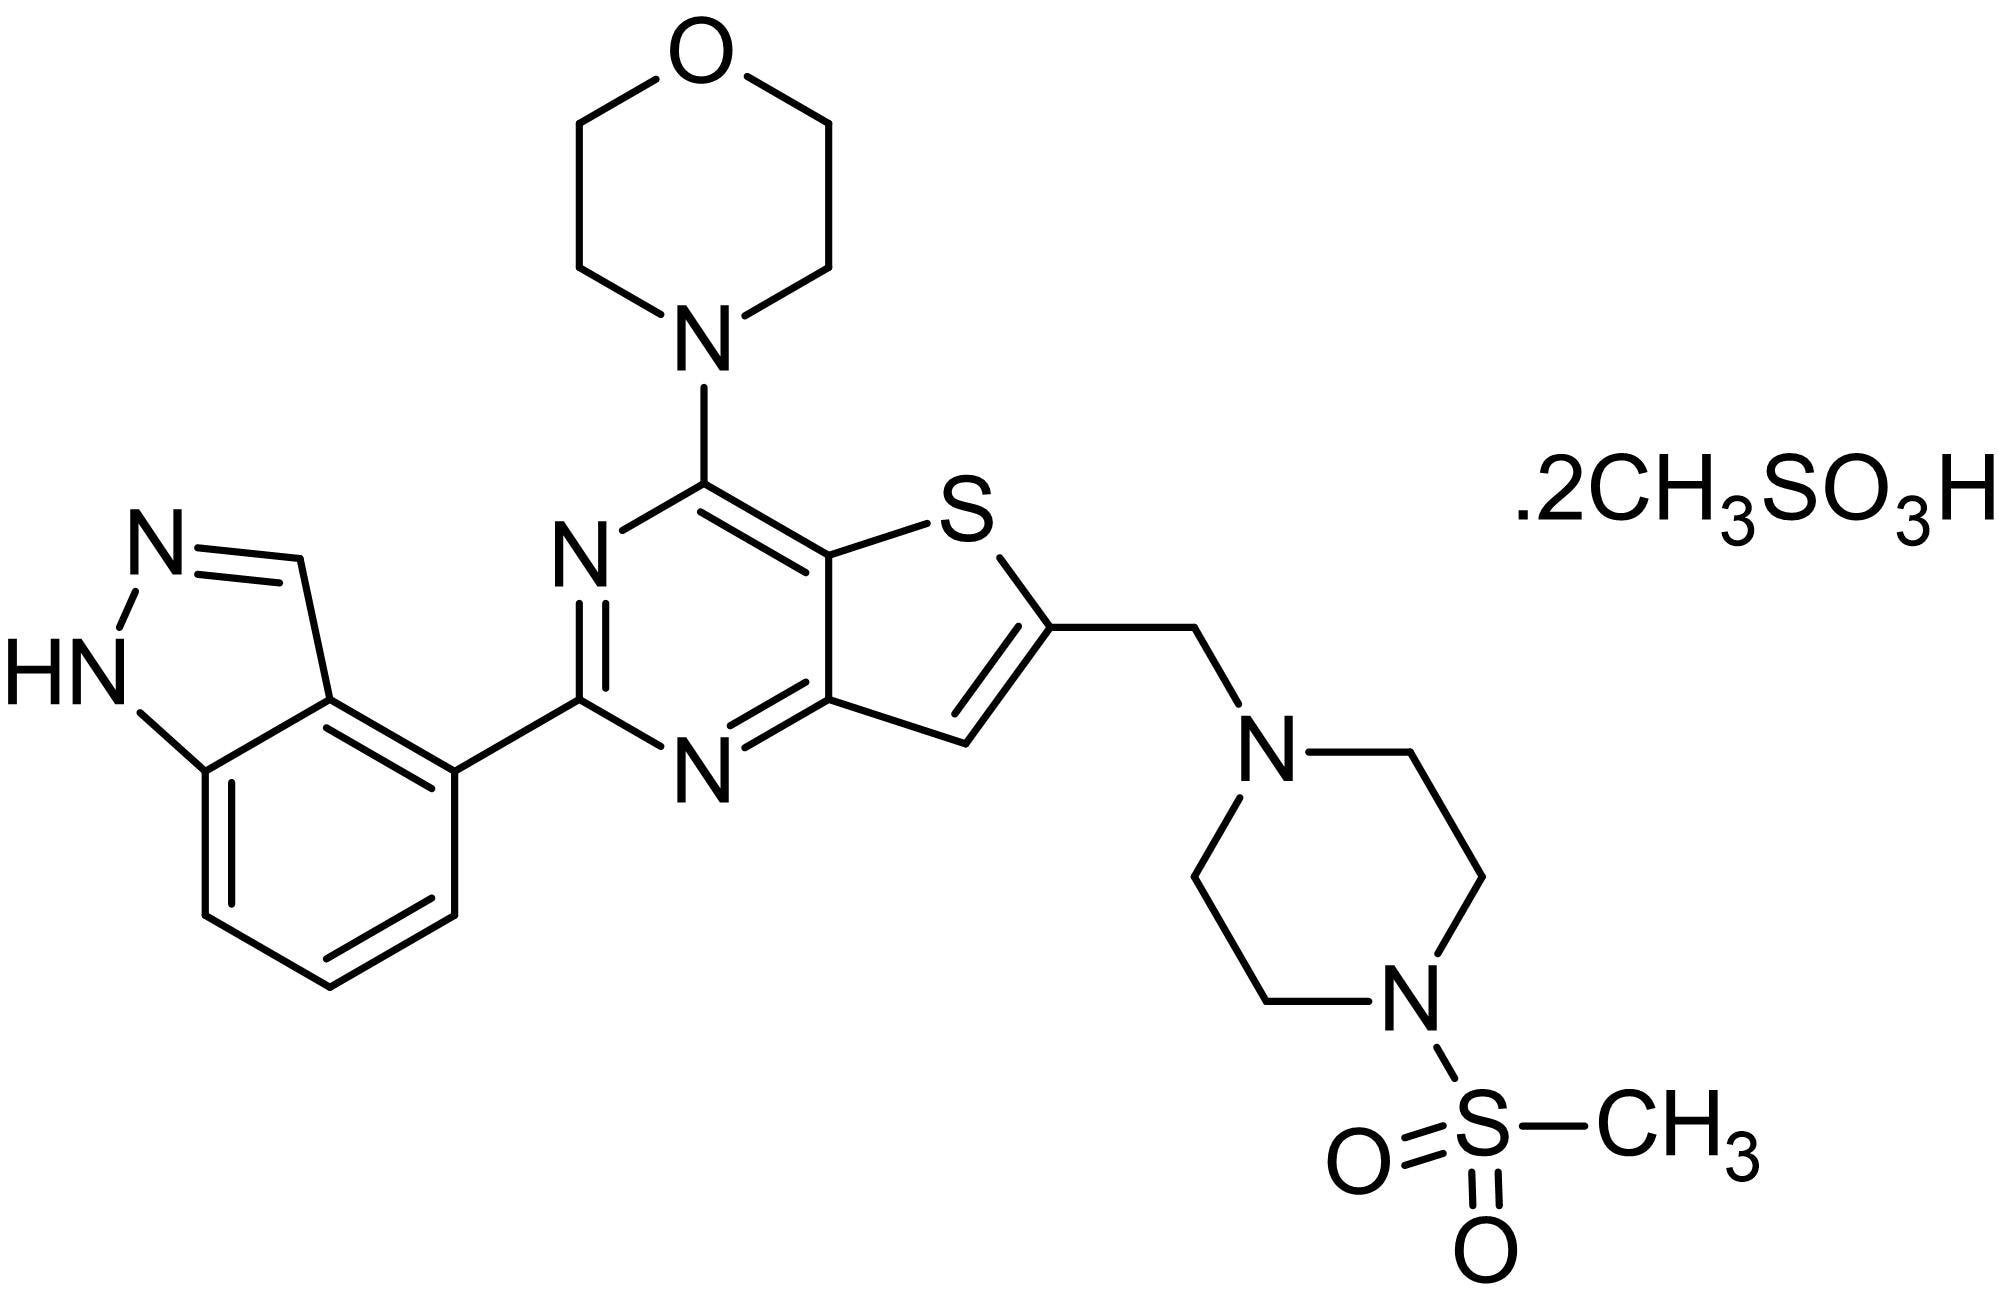 Chemical Structure - GDC-0941 dimesylate, PI3K inhibitor (ab143812)